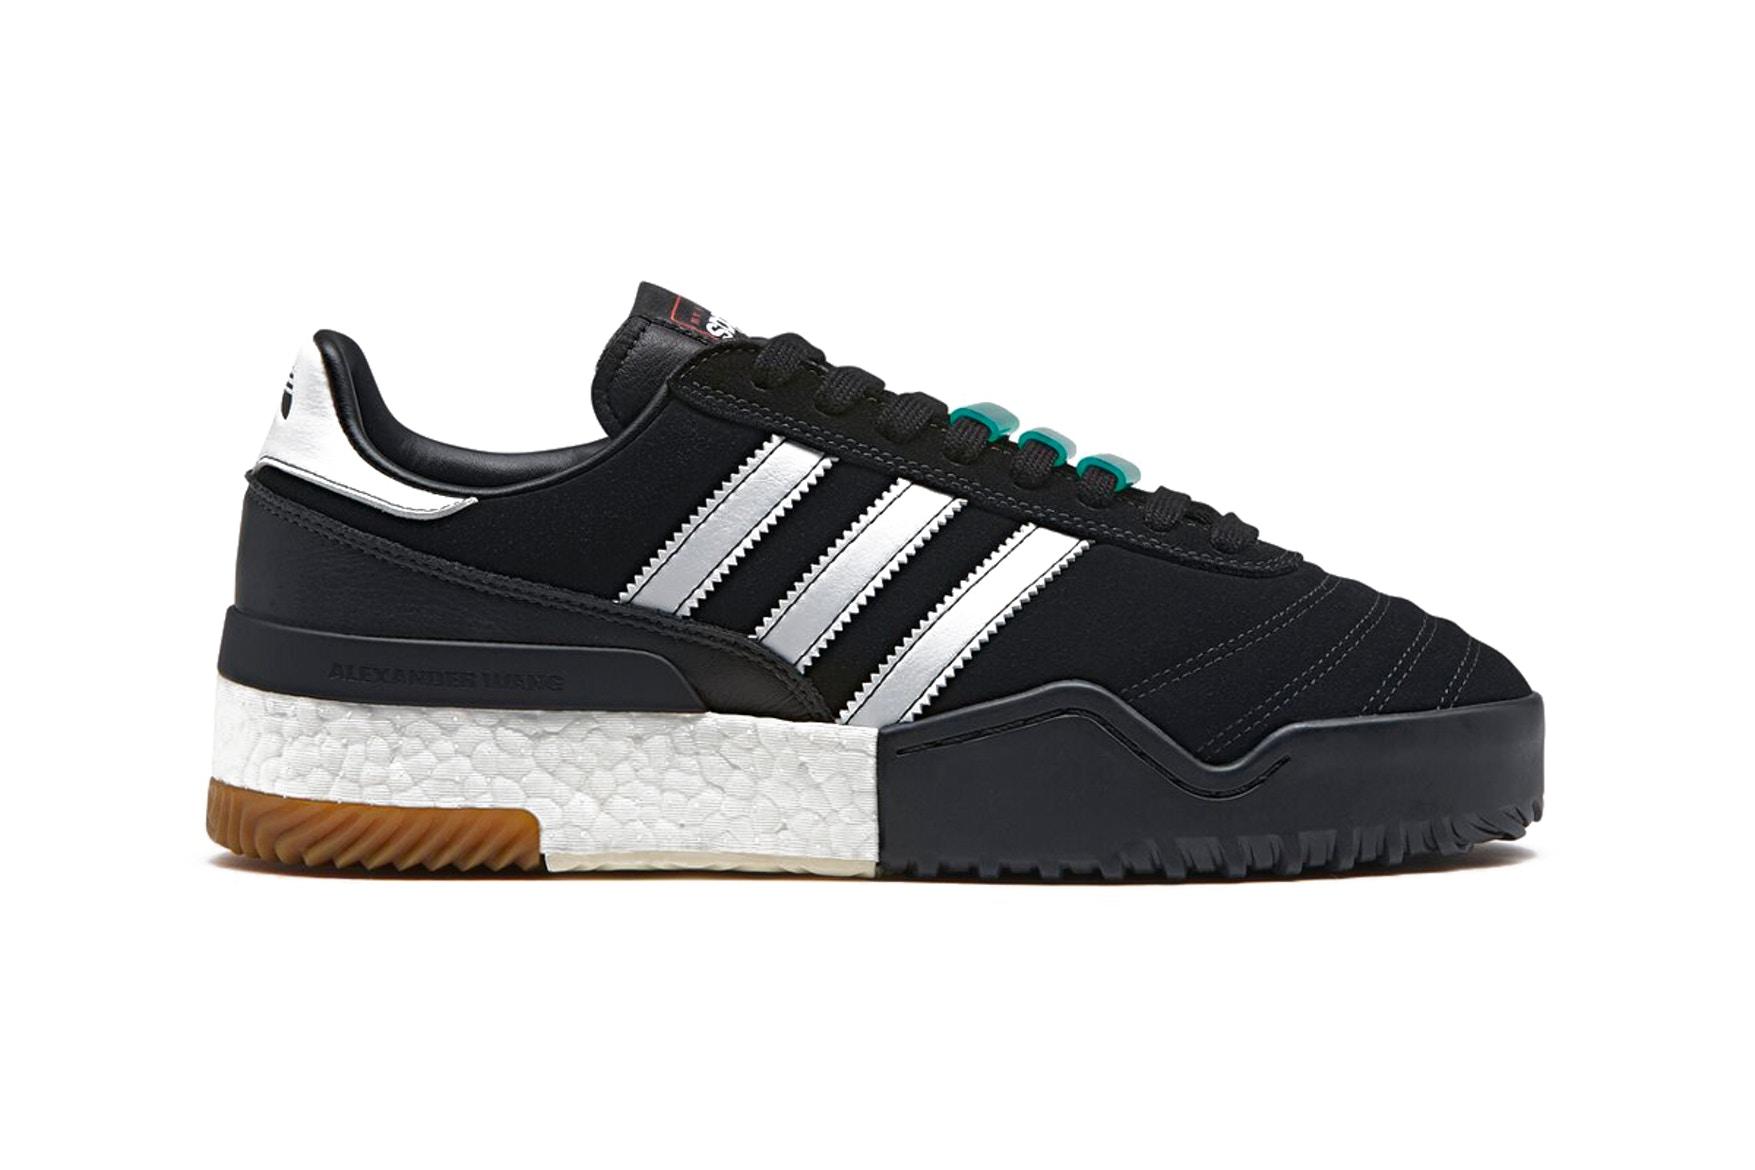 alexander-wang-adidas-originals-bball-soccer-release-date-001